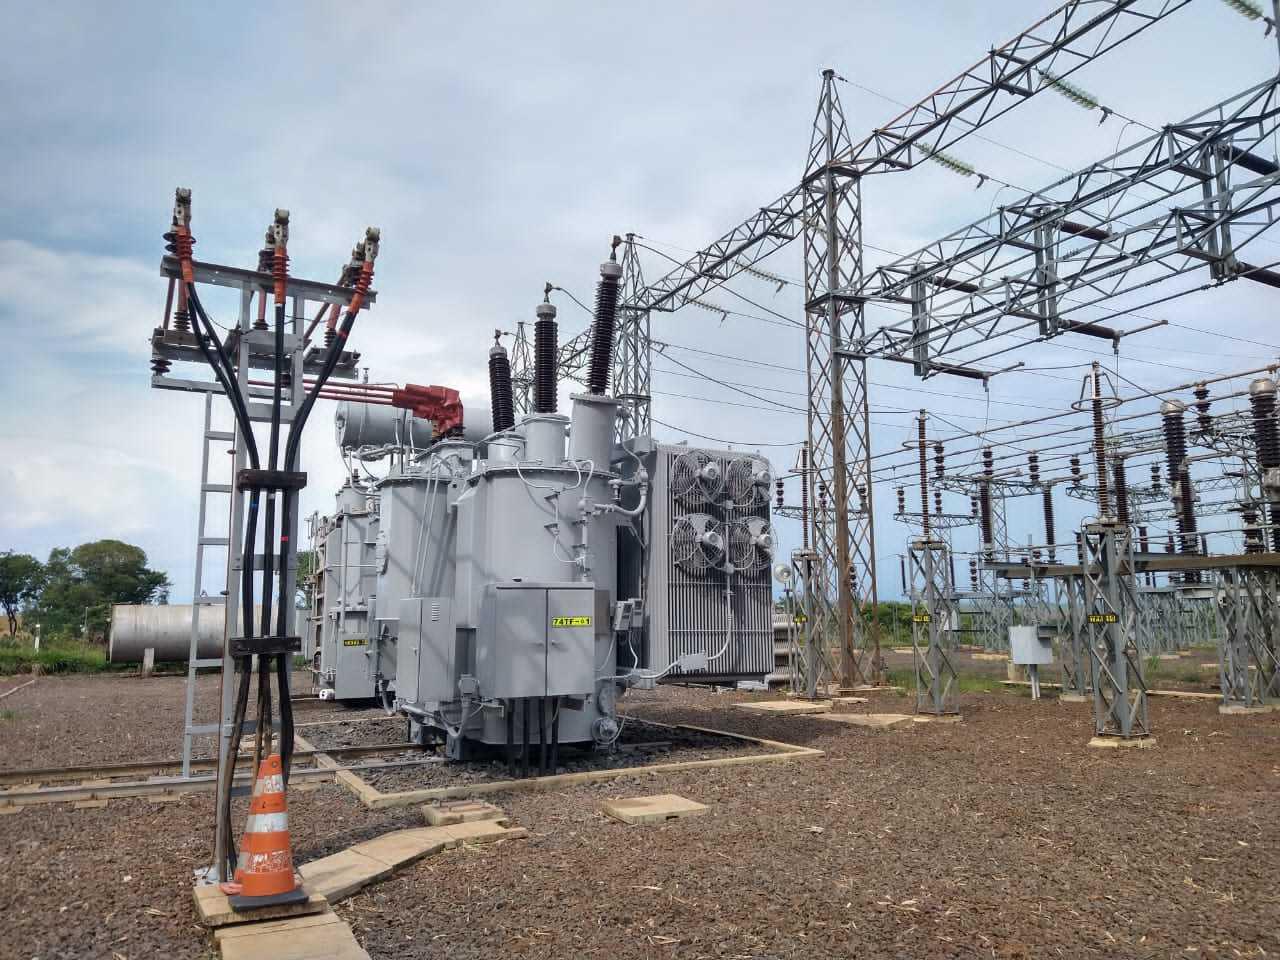 Subestação construída pela Energisa, em Sidrolândia. (Foto: Divulgação)